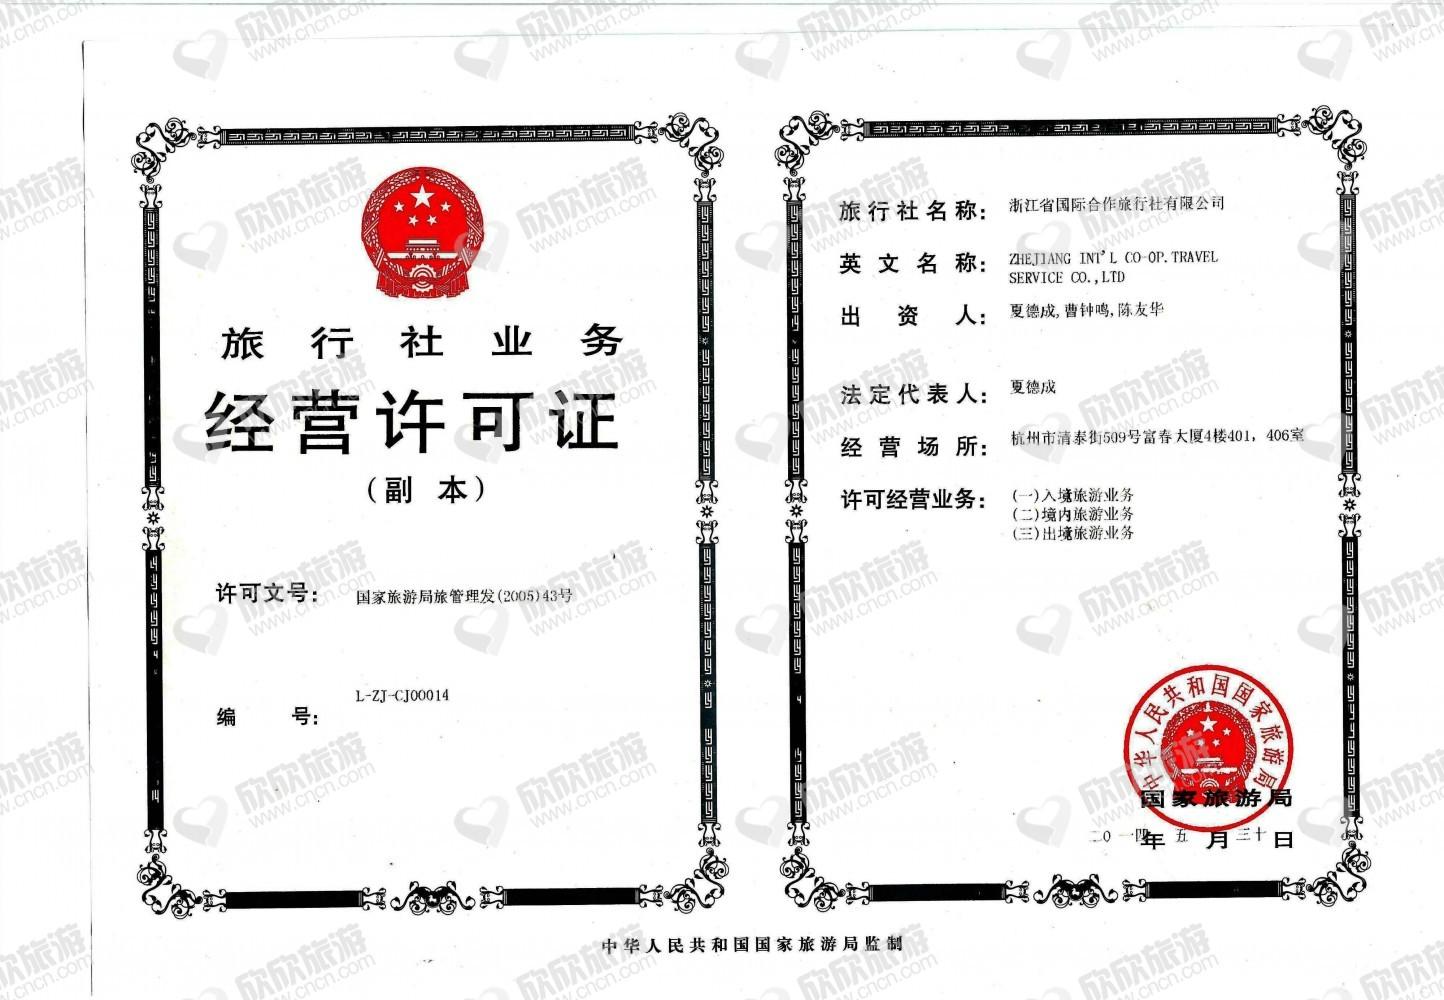 浙江省国际合作旅行社有限公司宁波浙东分公司经营许可证